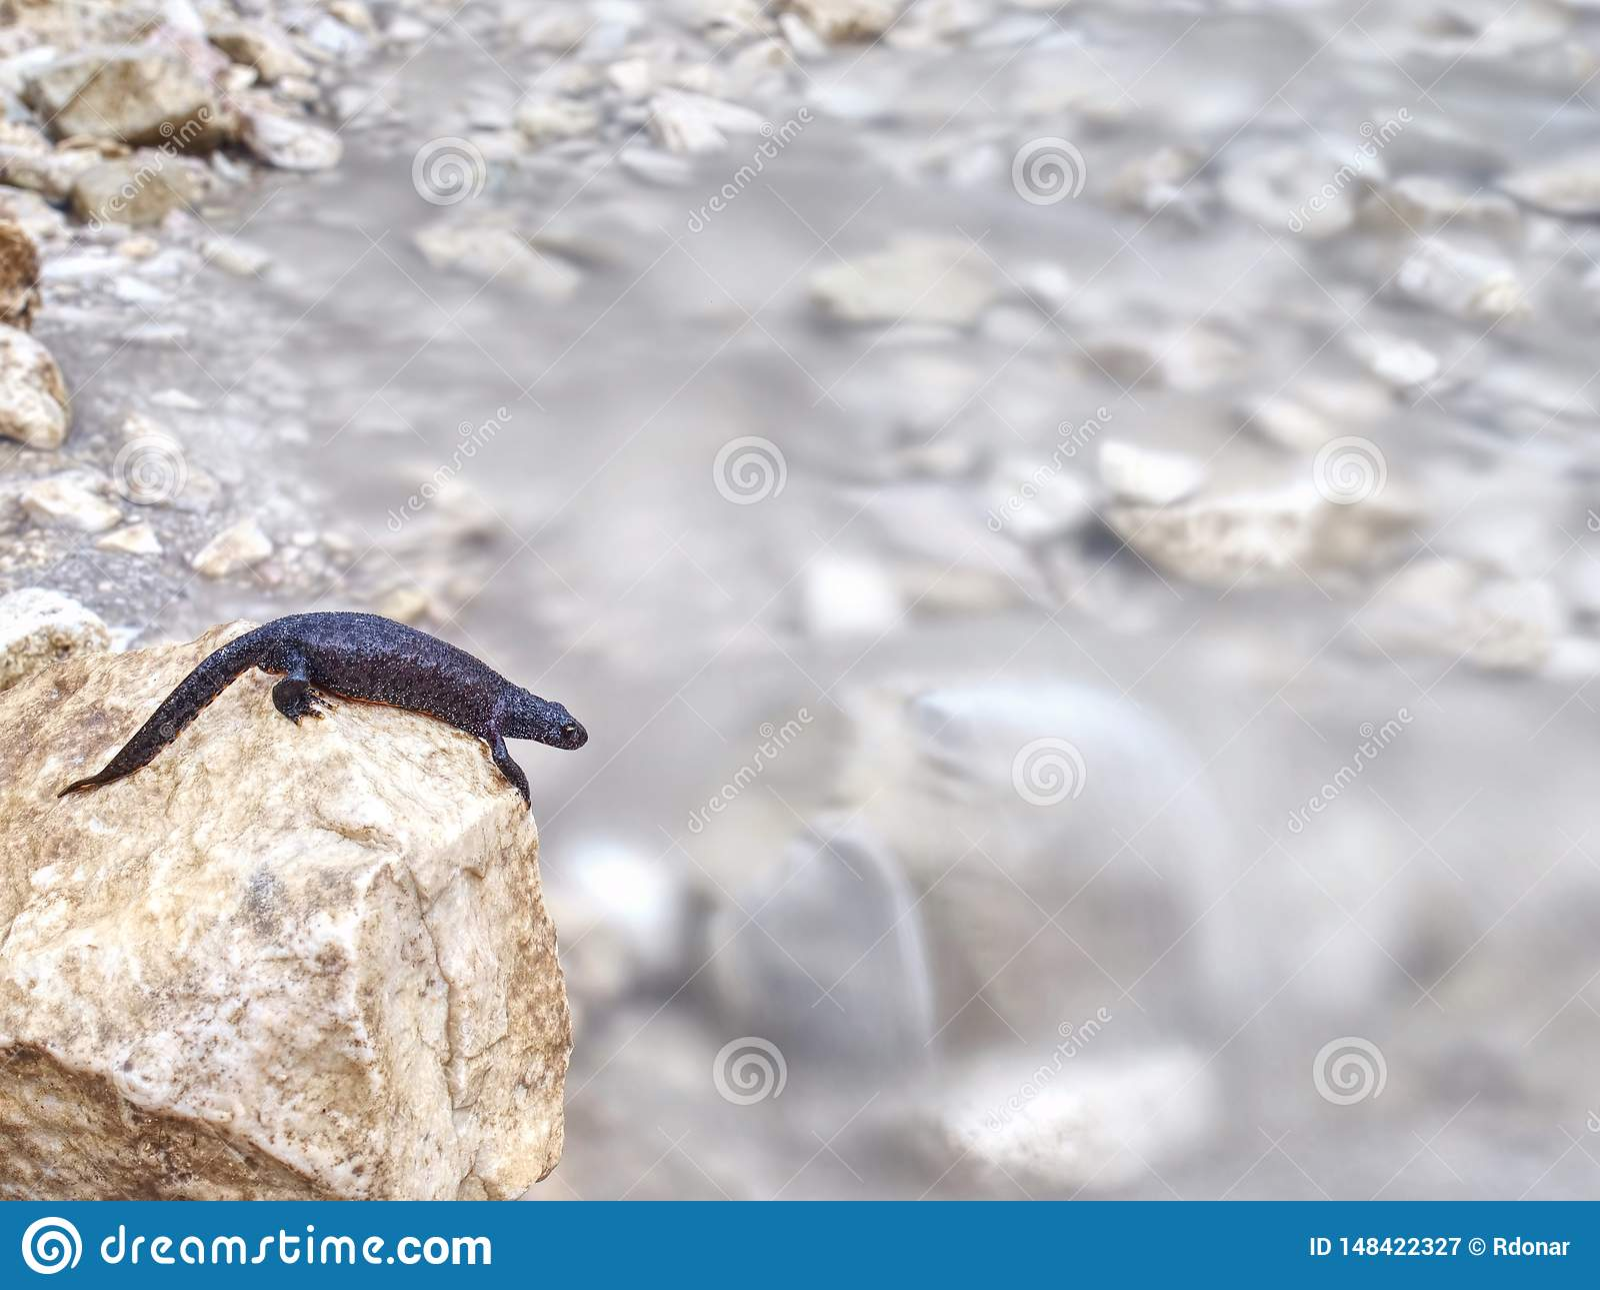 Schwarzer Salamander - Amphibie, die auf dem Stein liegt